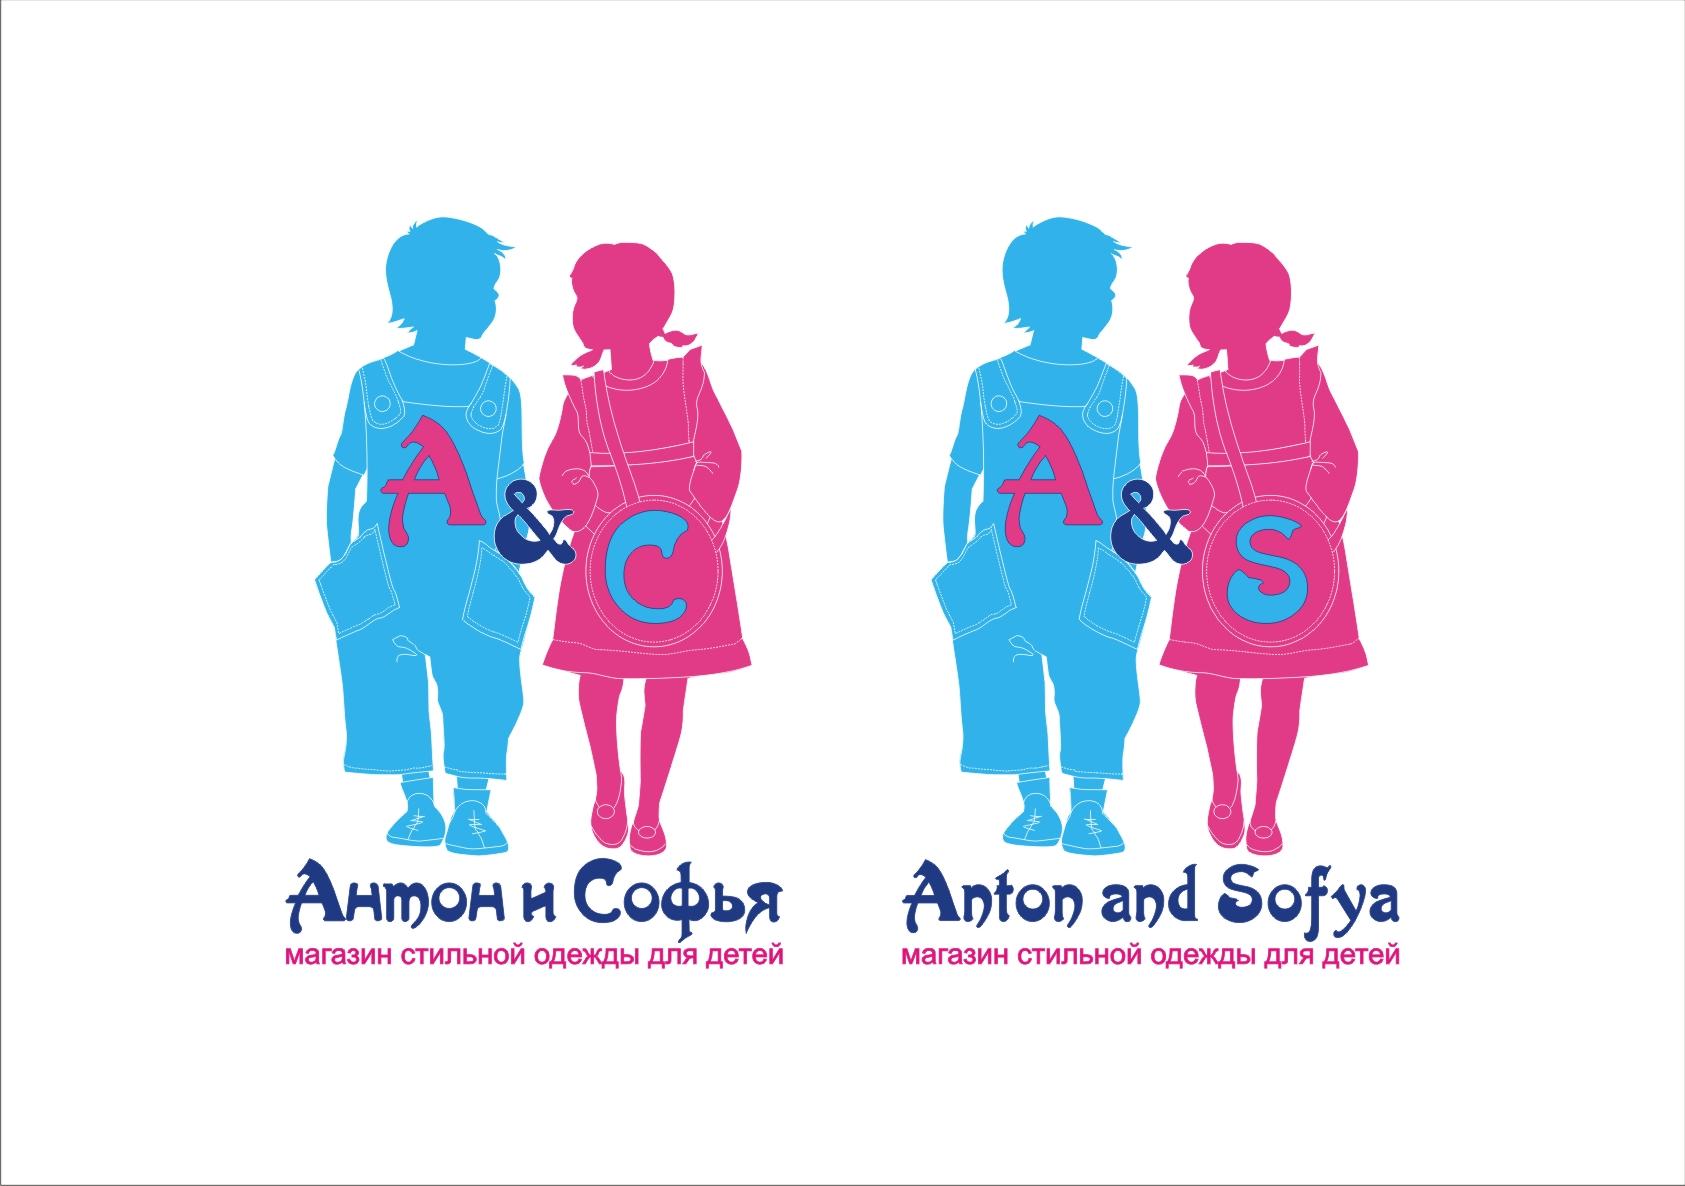 Логотип и вывеска для магазина детской одежды фото f_4c87d33c17fcc.jpg